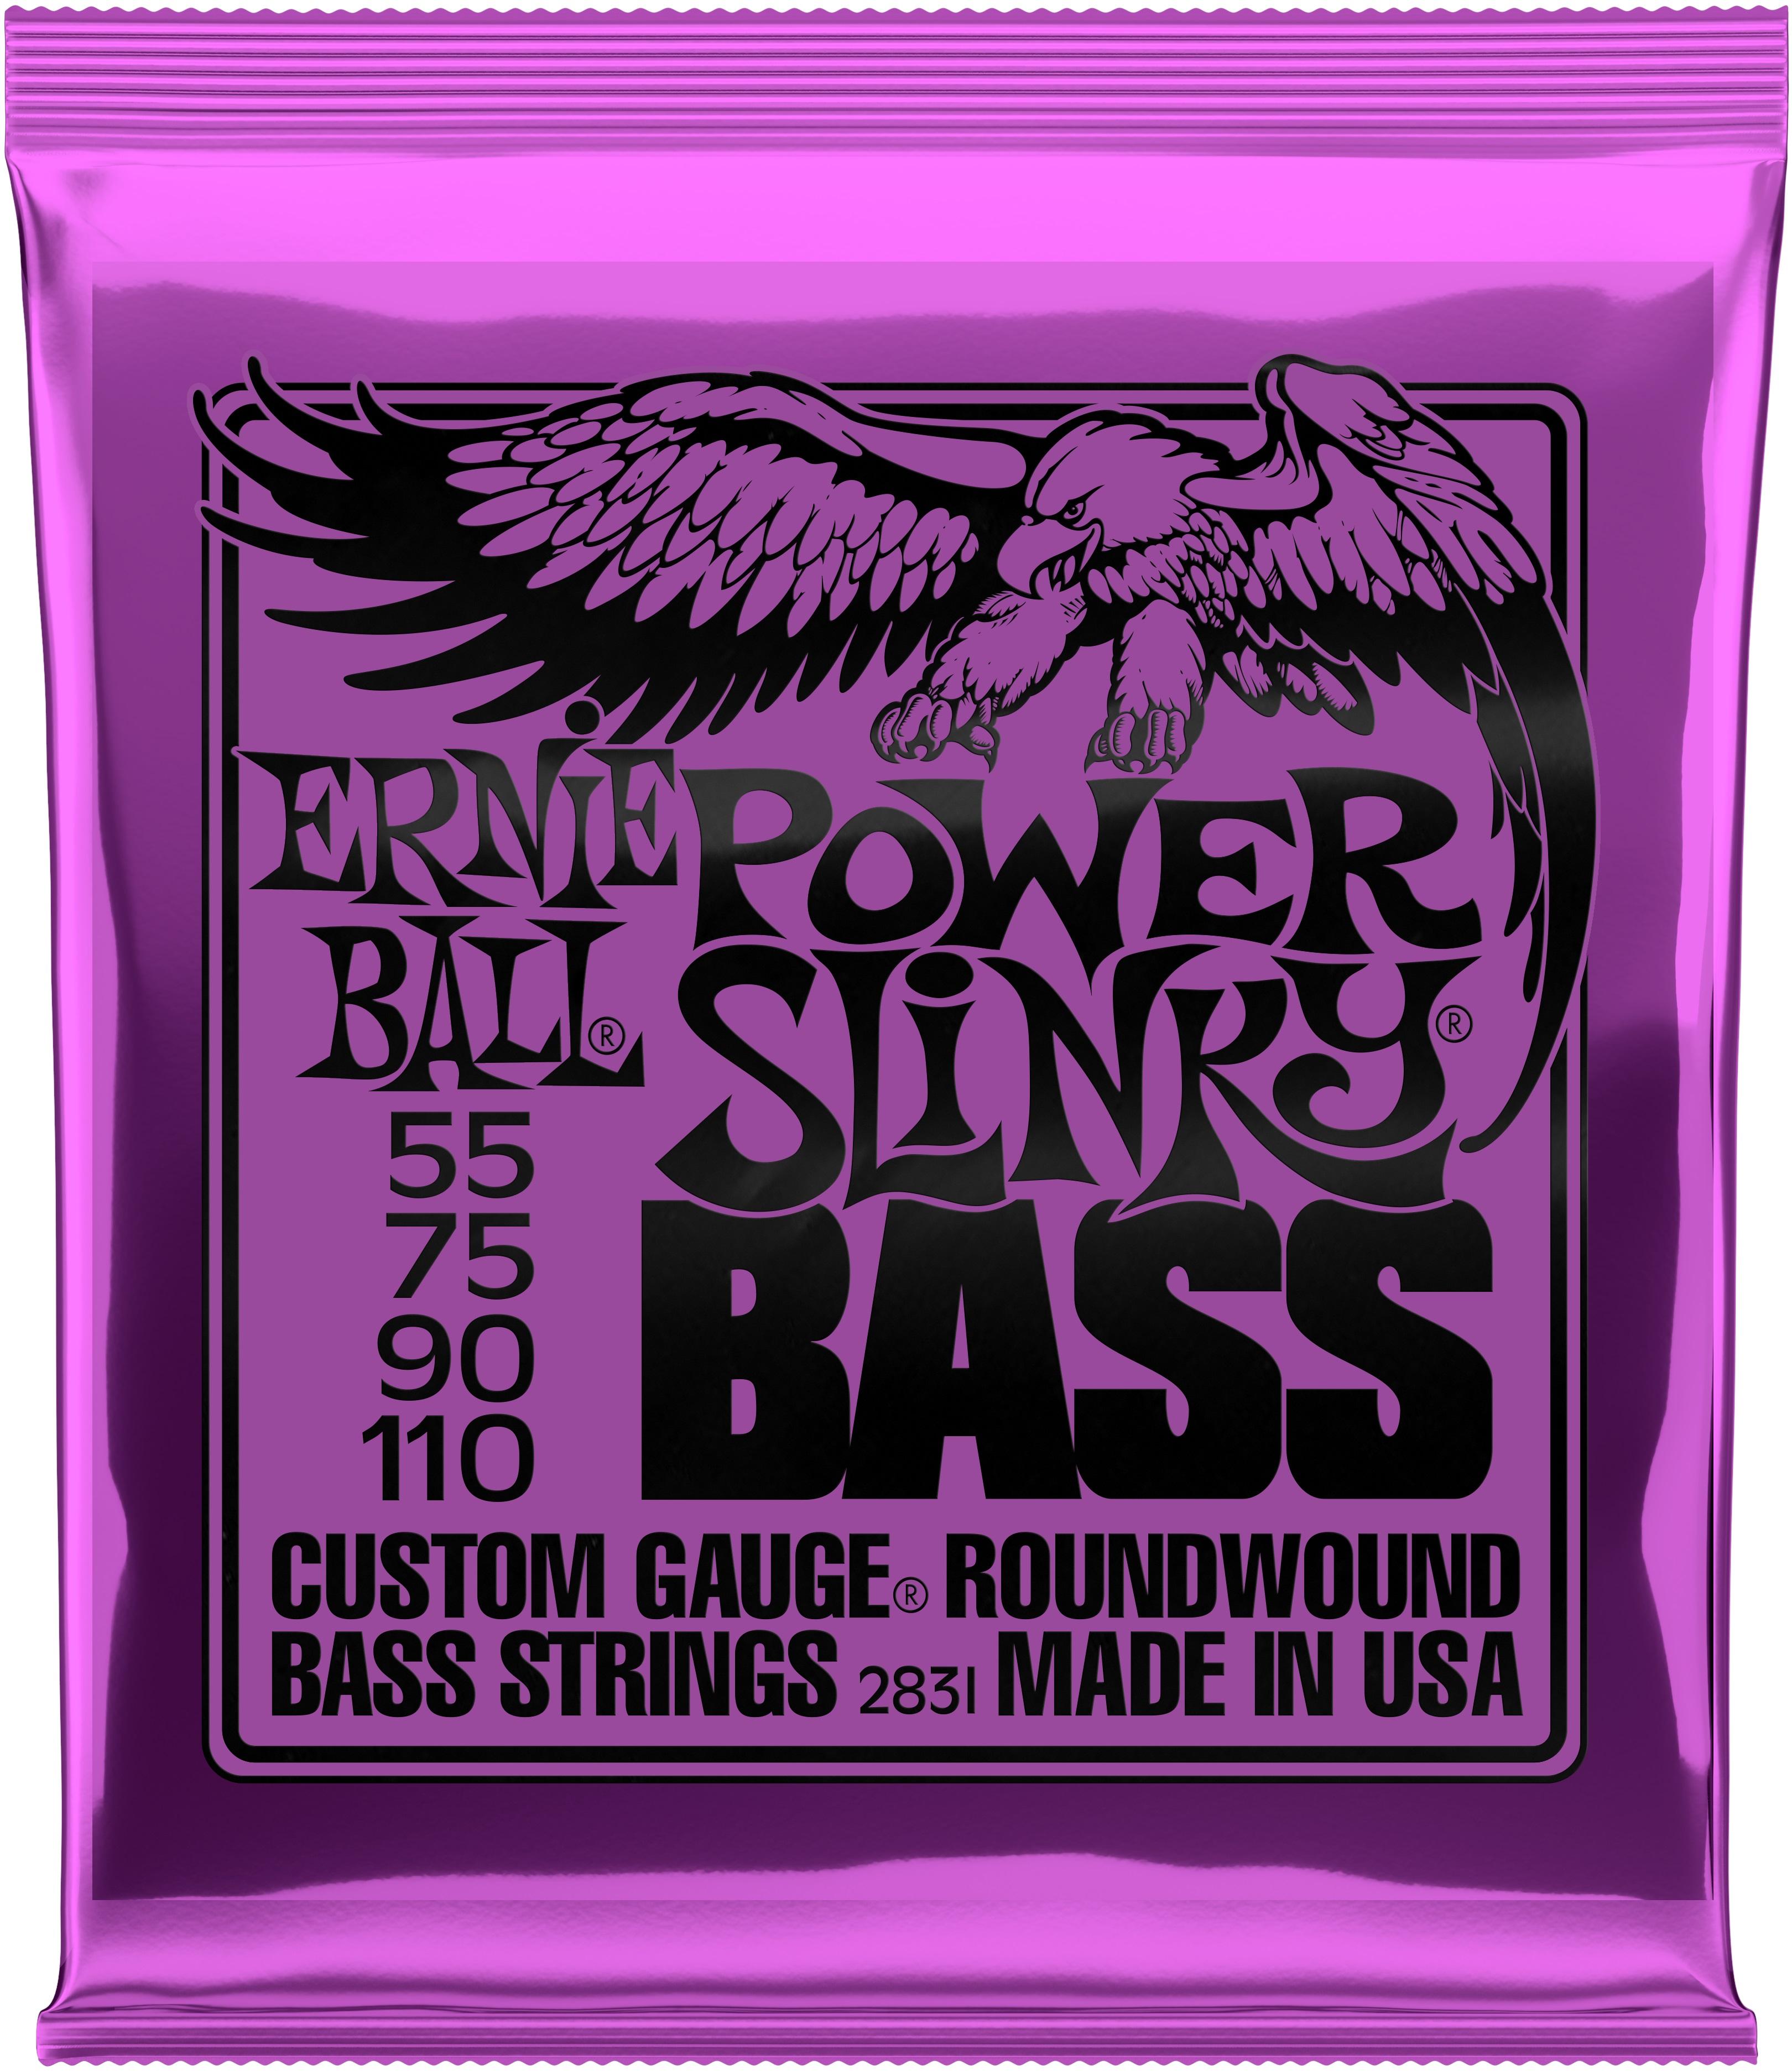 Ernie Ball 2831